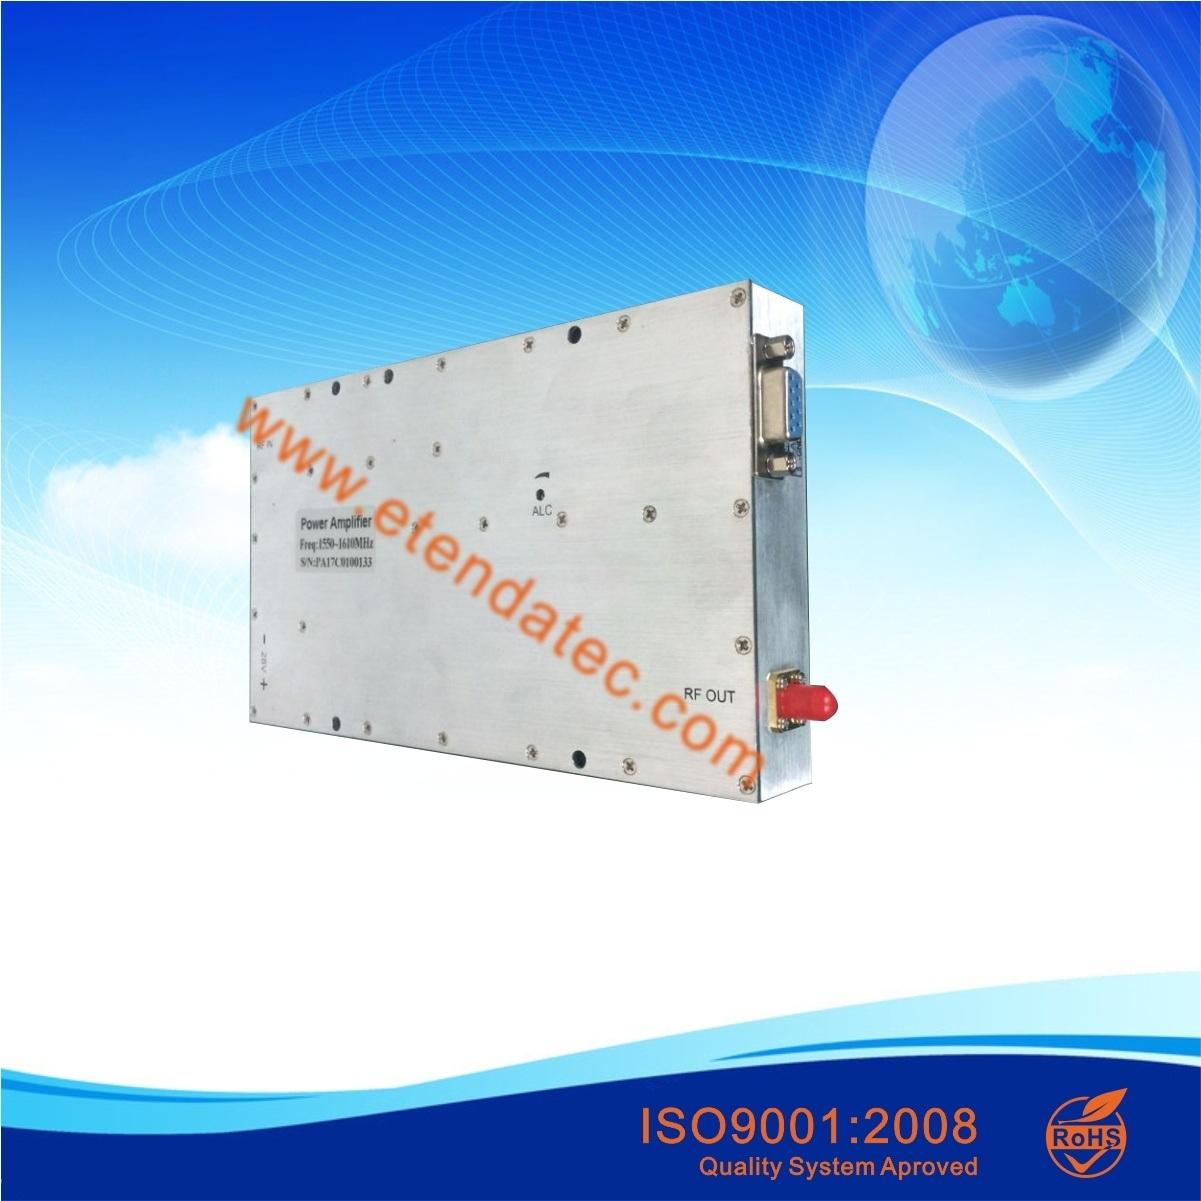 WiFi 100W Power Amplifier